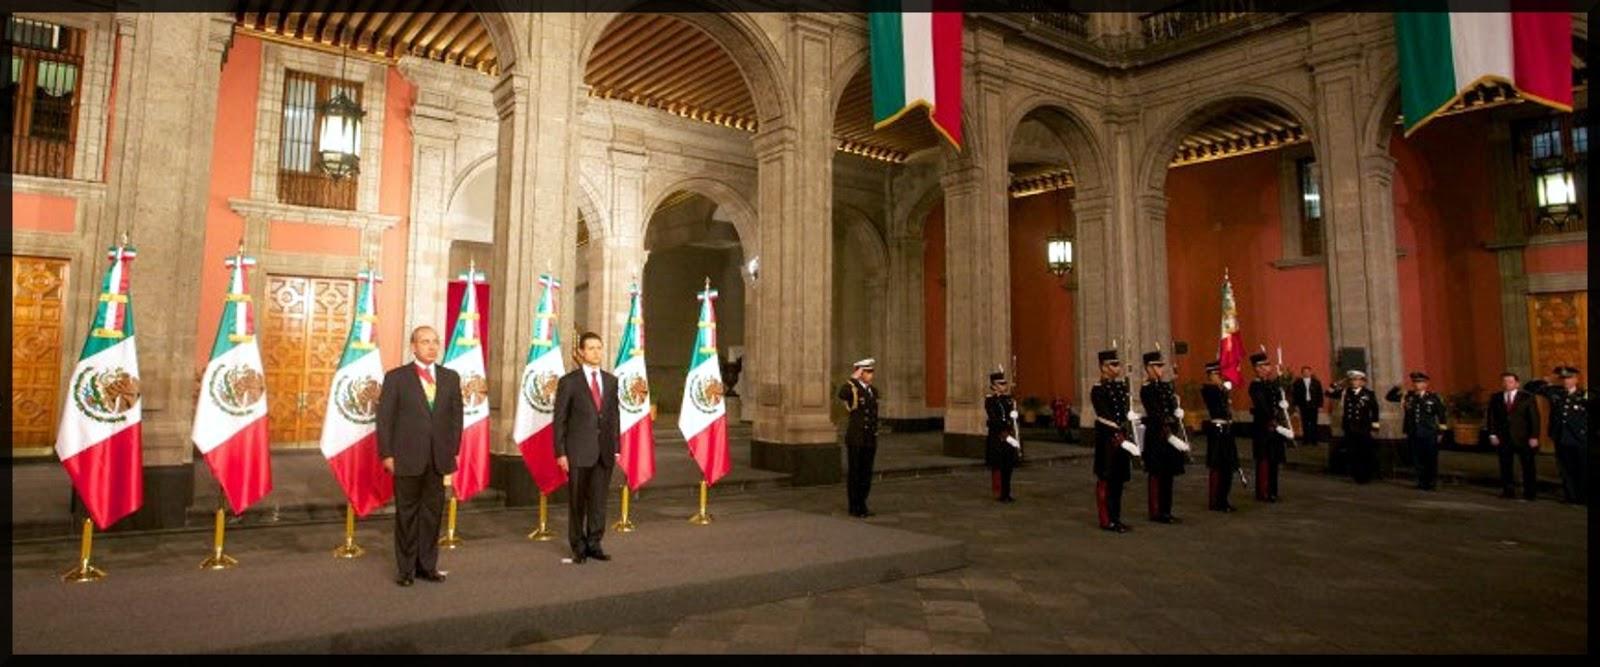 M Birman Cia S.a.i.c EL PREGON DEL T...